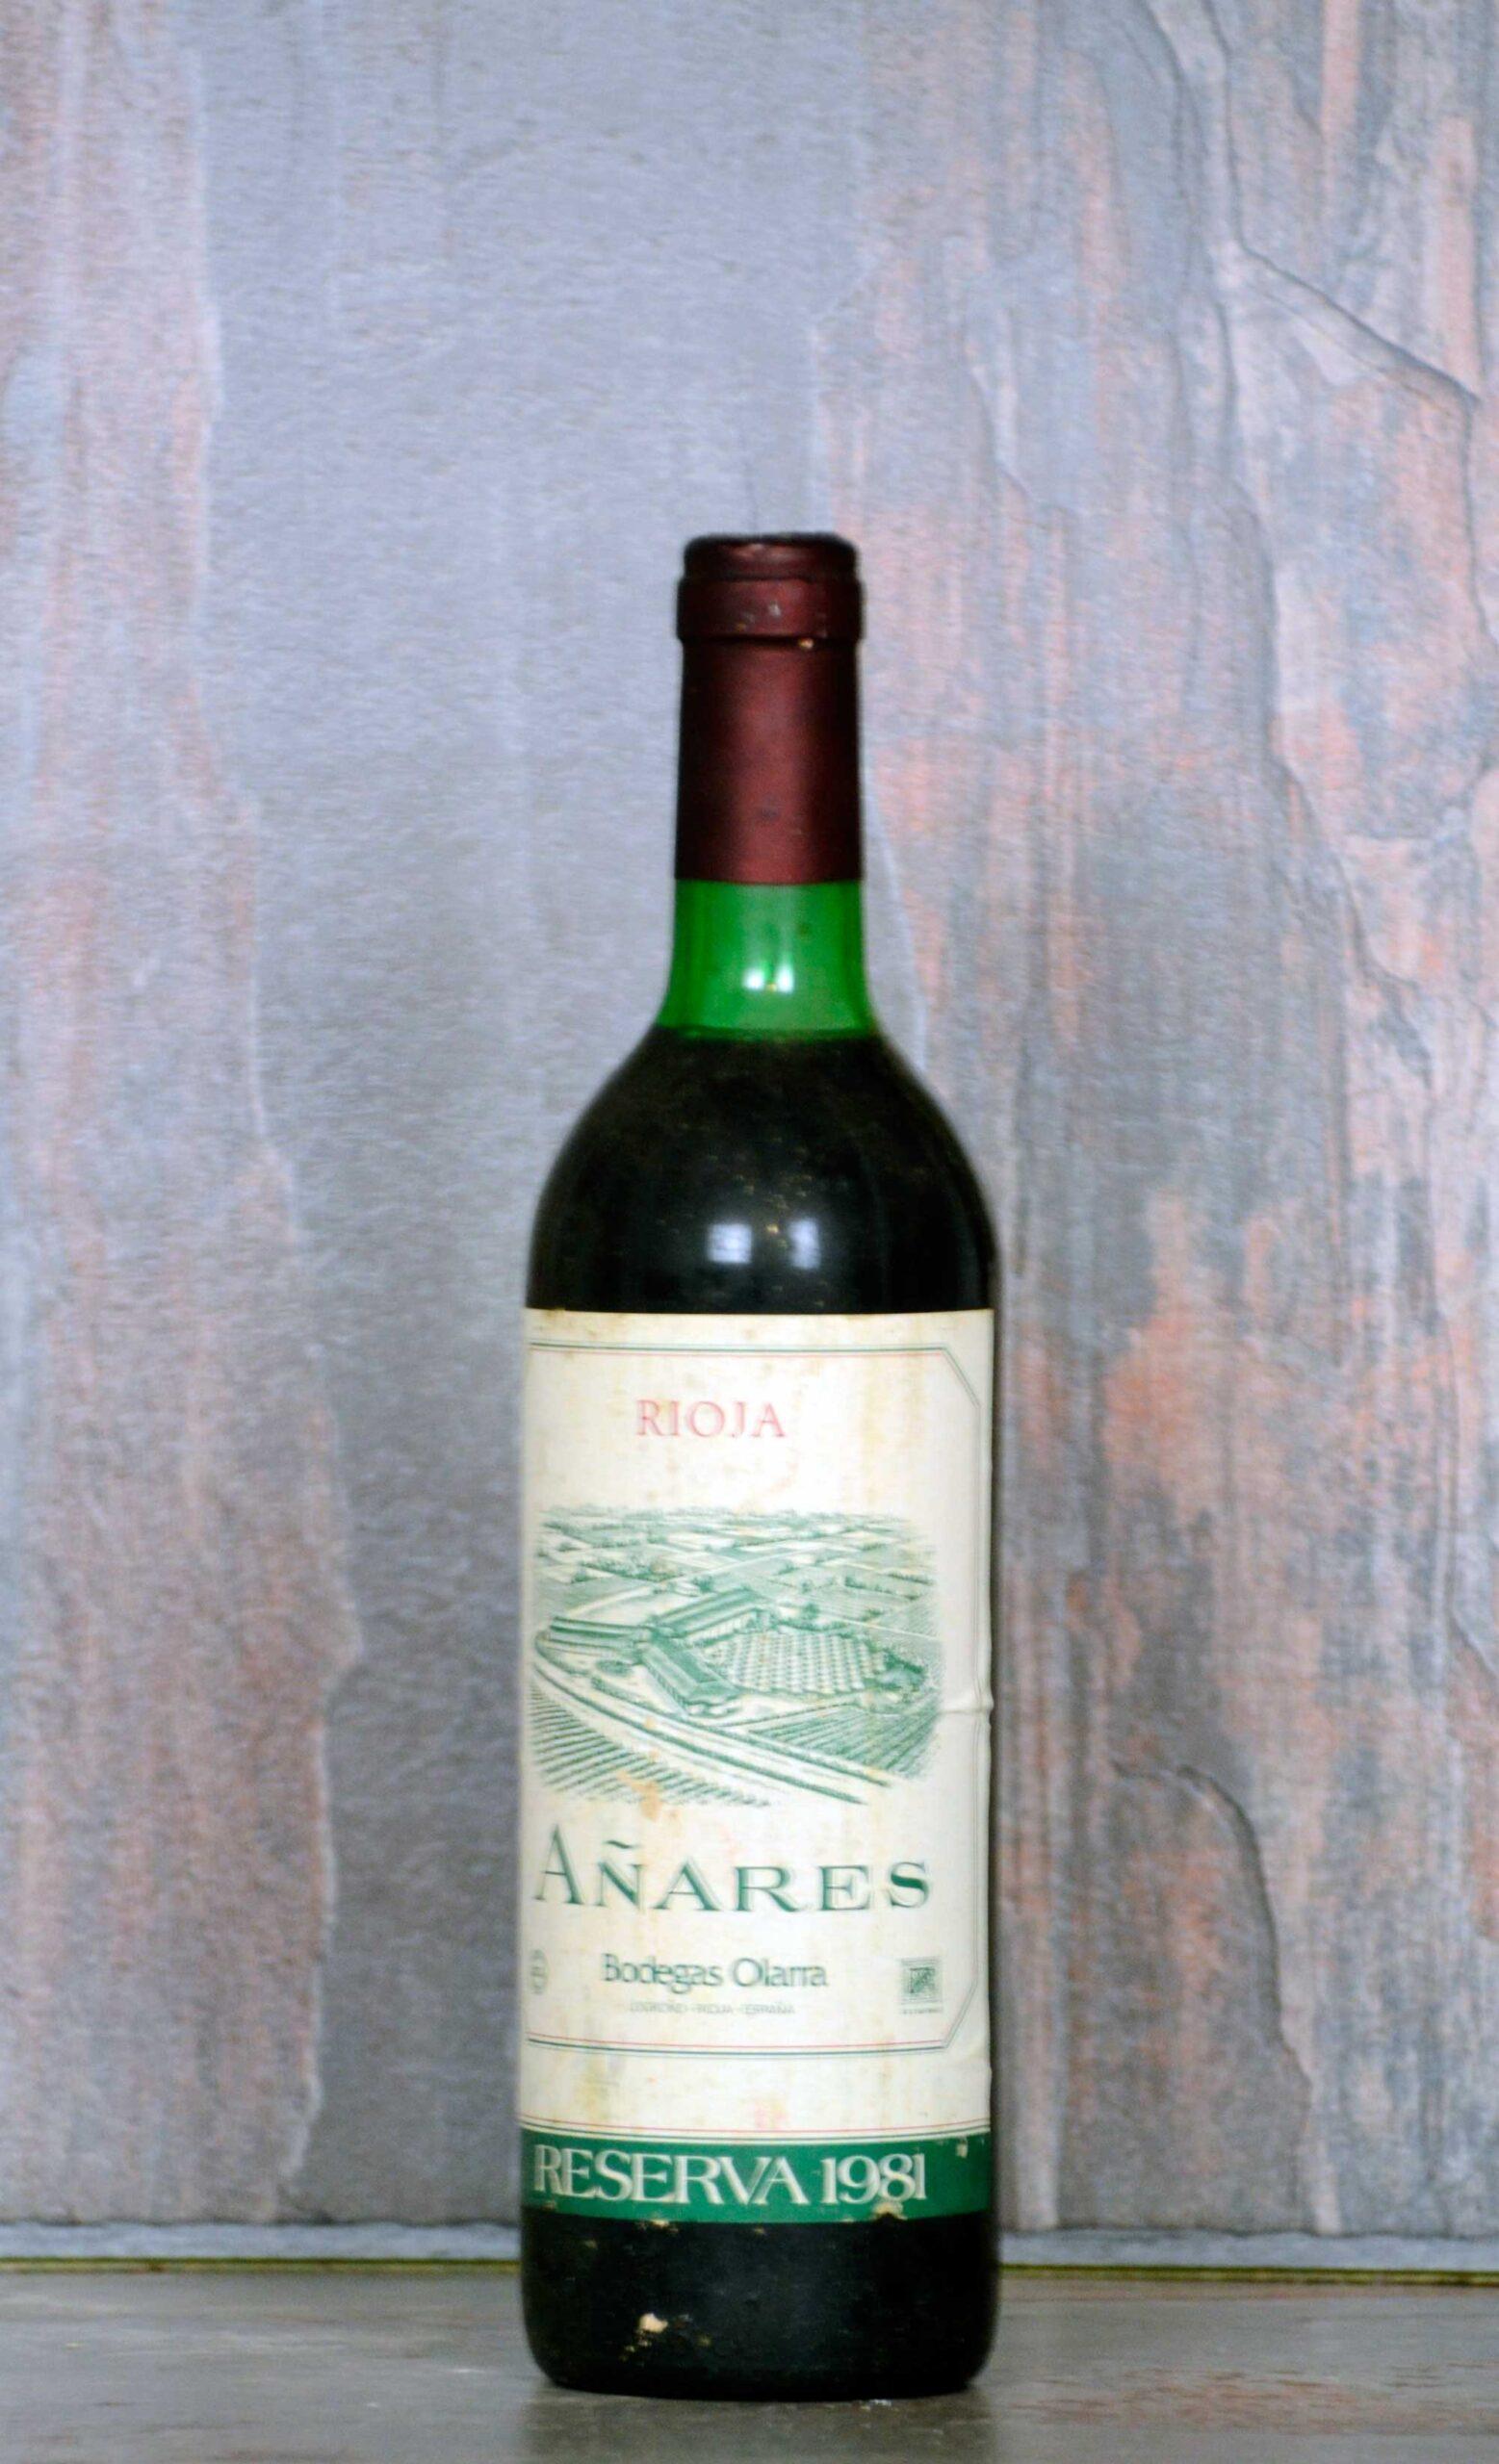 Añares reserva 1981